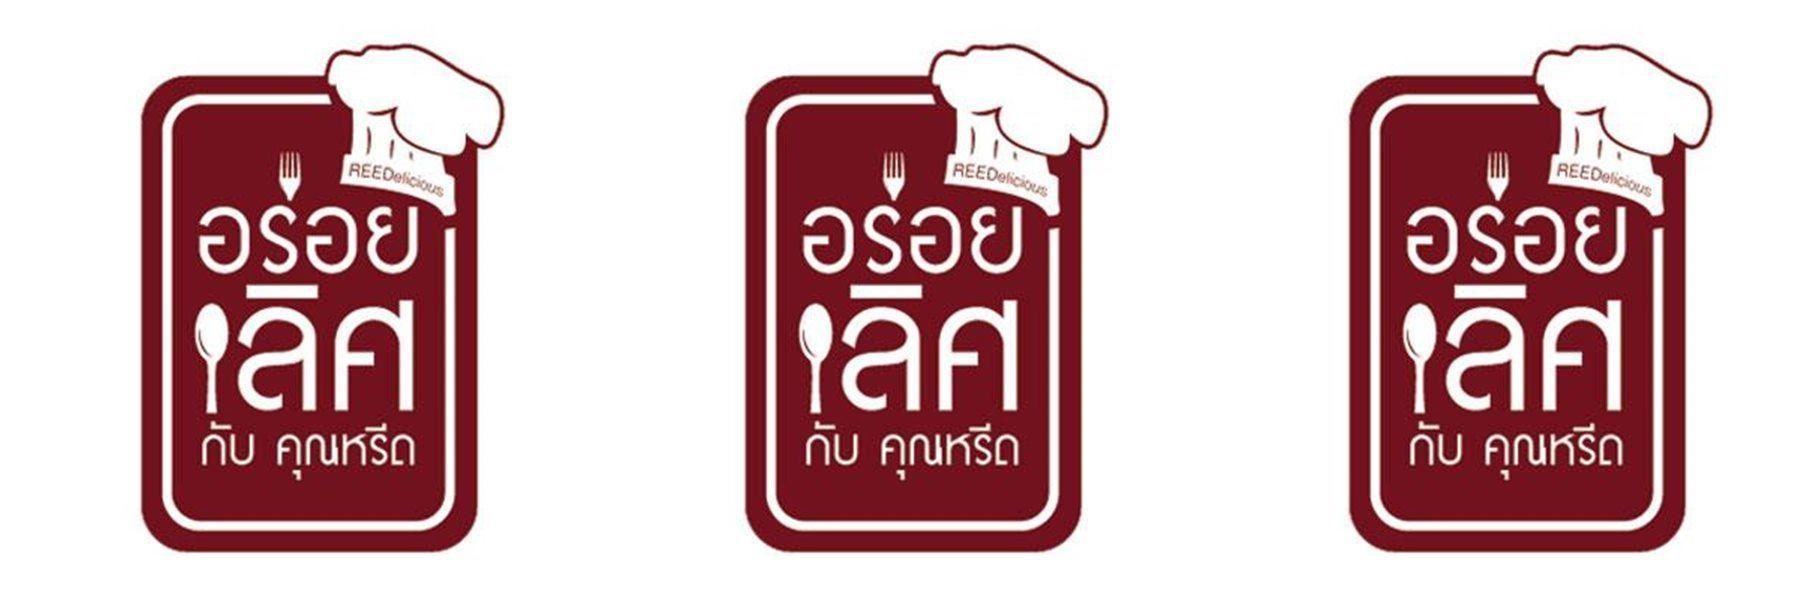 ดูละครย้อนหลัง Ryunabe Sathorn Hotpot Cuisine Bangkok l อร่อยเลิศกับคุณหรีด l 22 มี.ค. 62